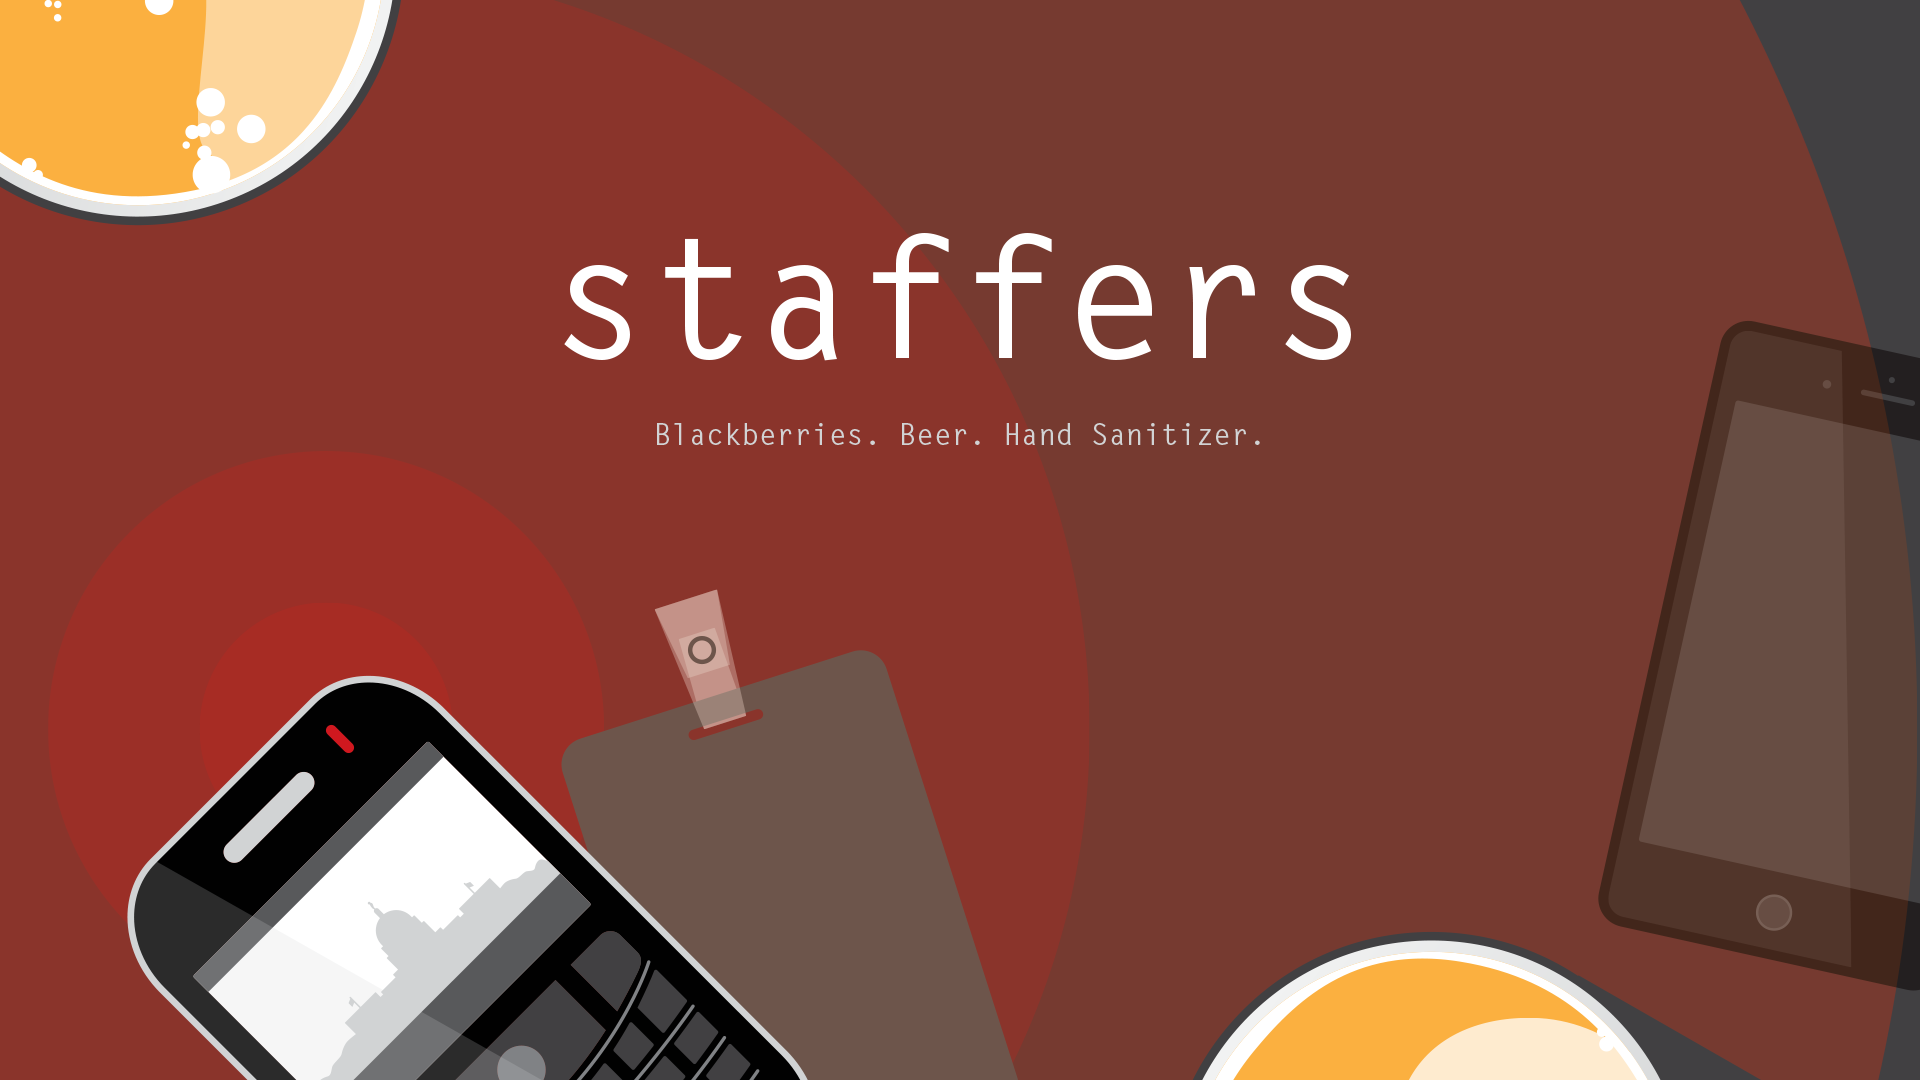 Staffers